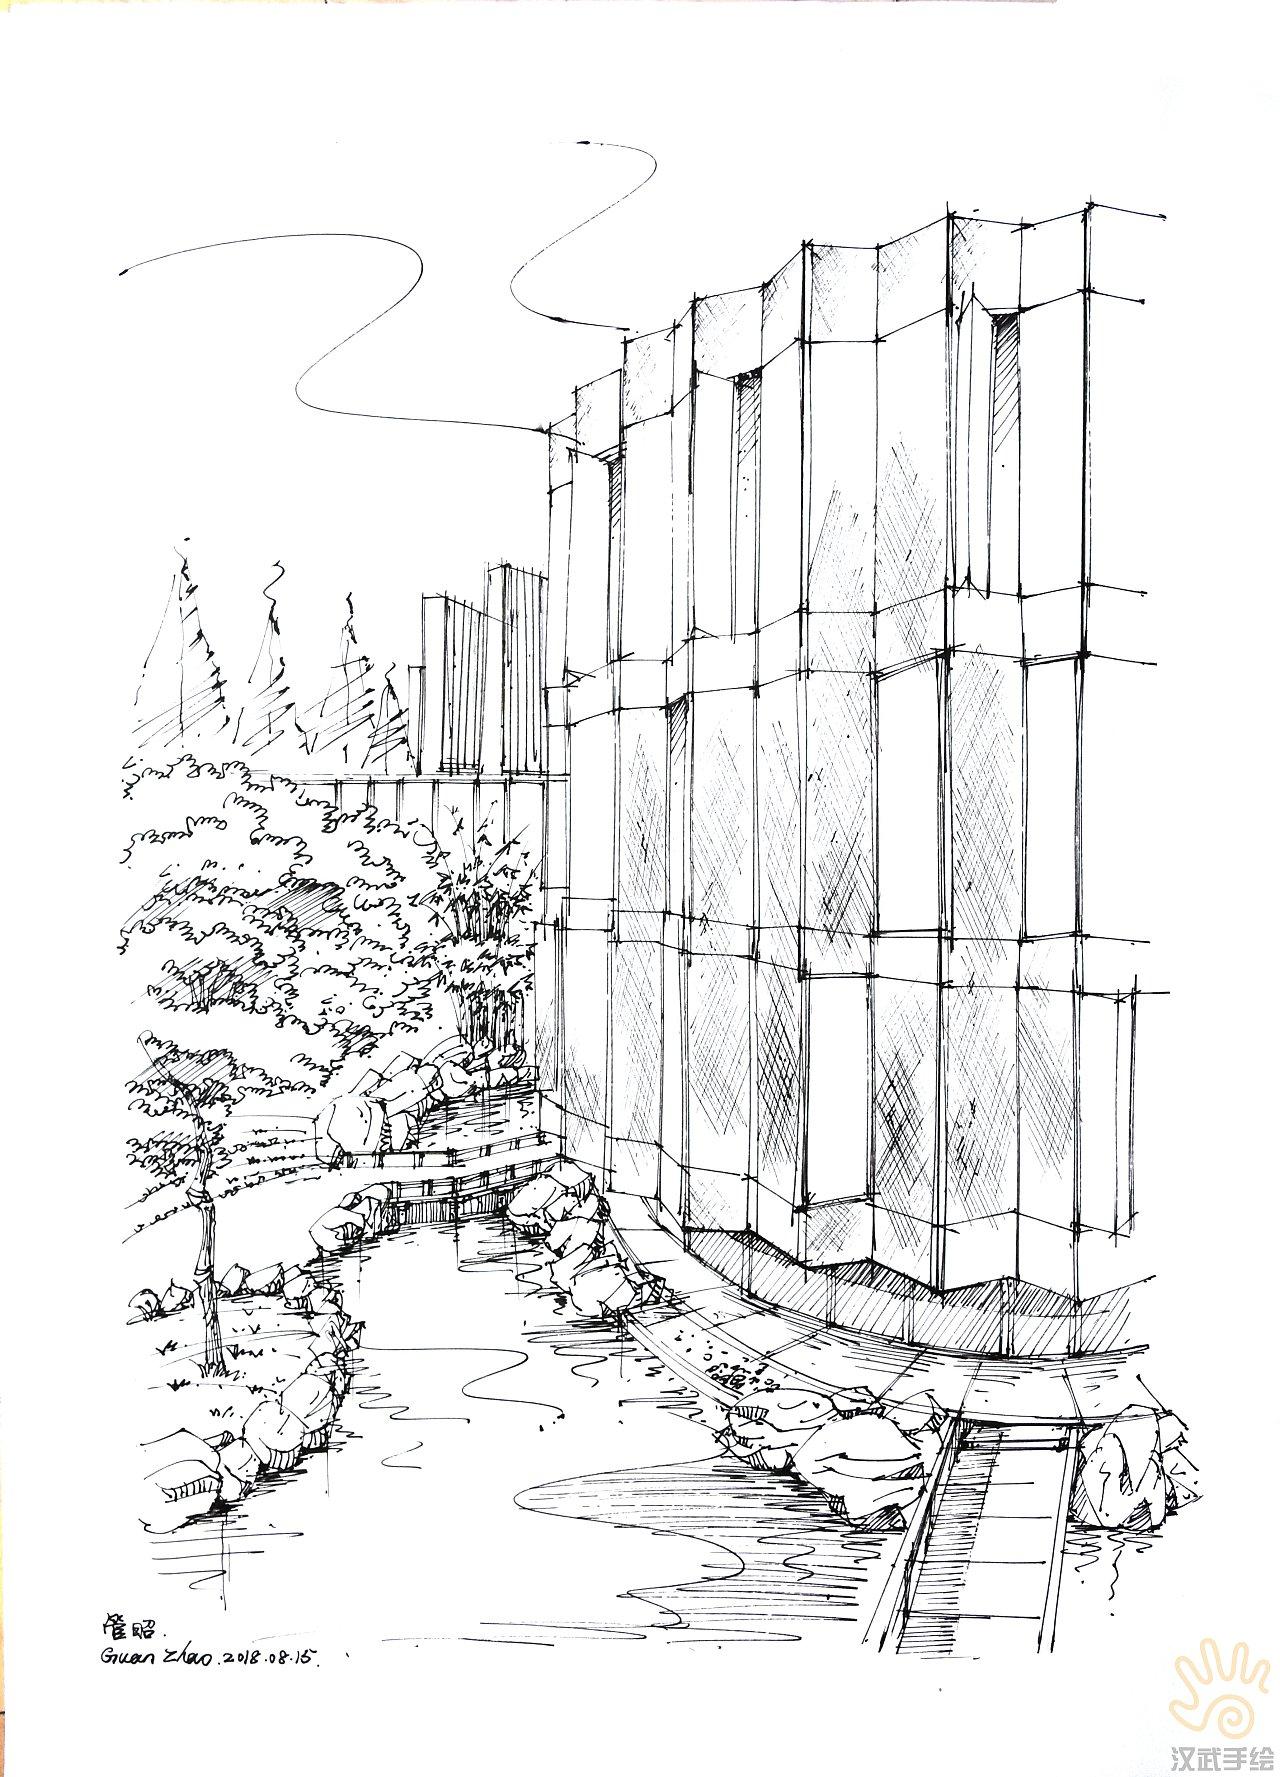 平面透视图_环境景观建筑手绘效果图线稿图|空间|景观设计|汉武手绘 - 原创 ...